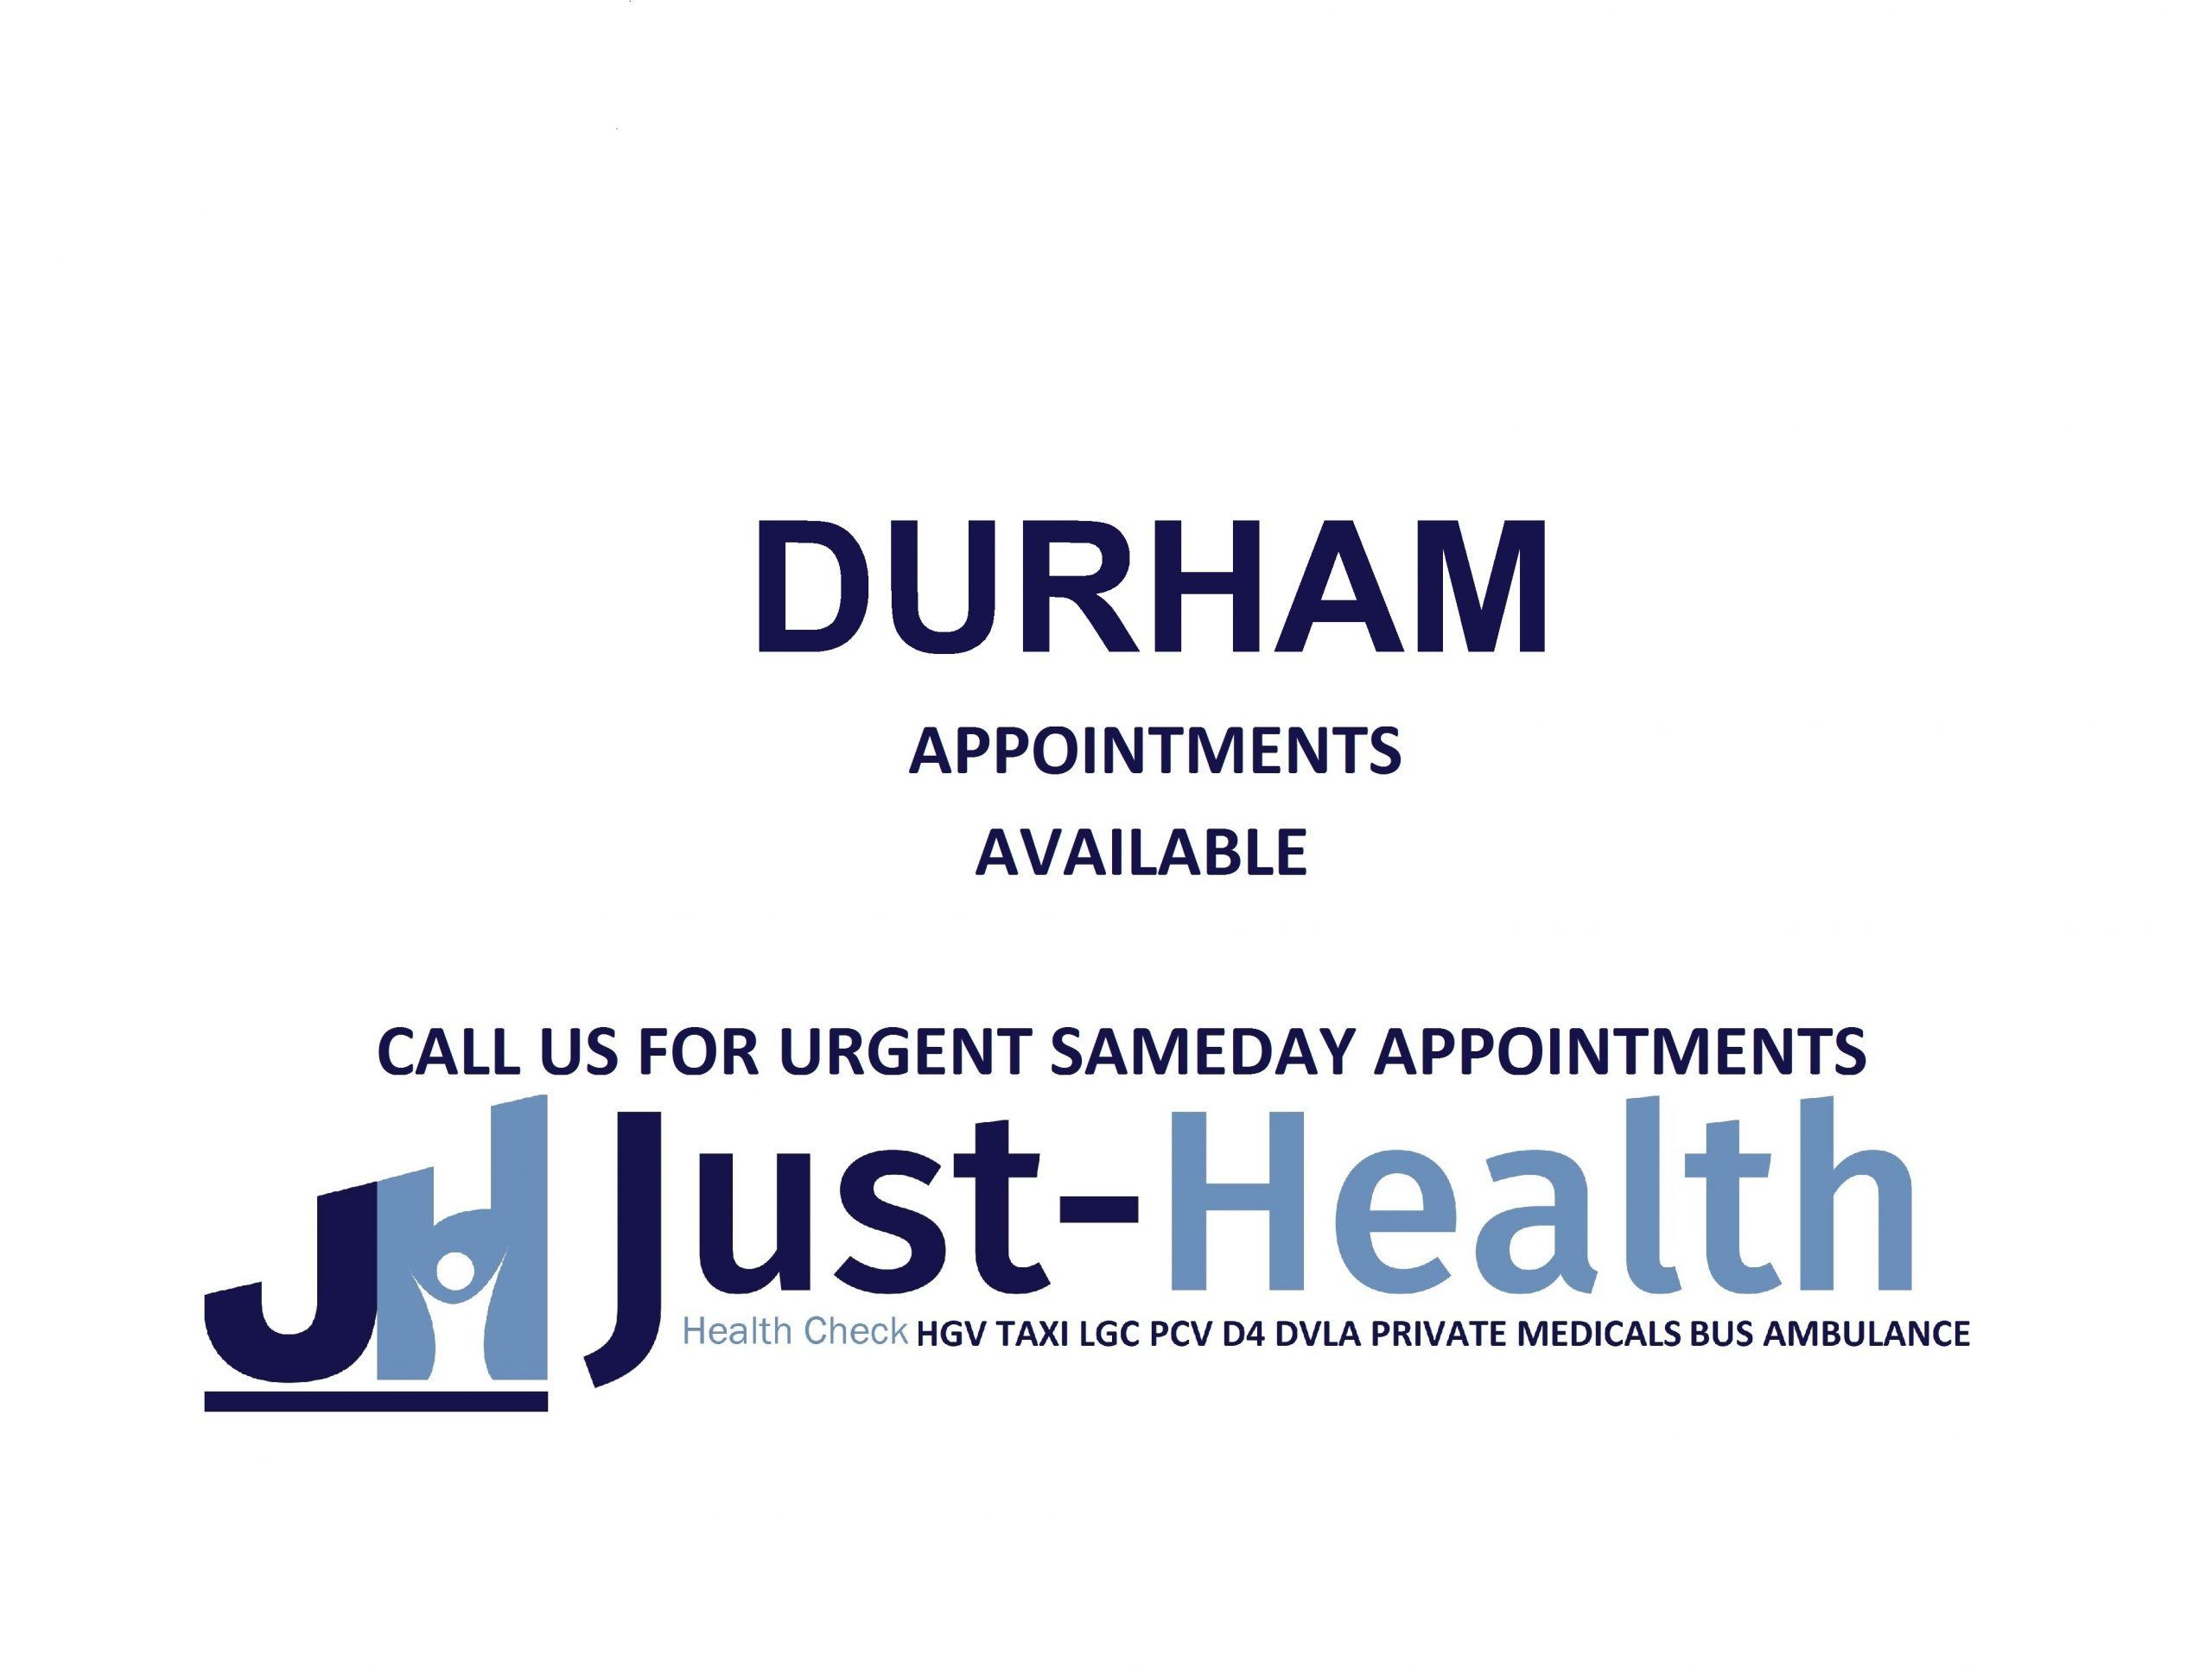 D4 Driver medicals hgv pcv c1 Durham